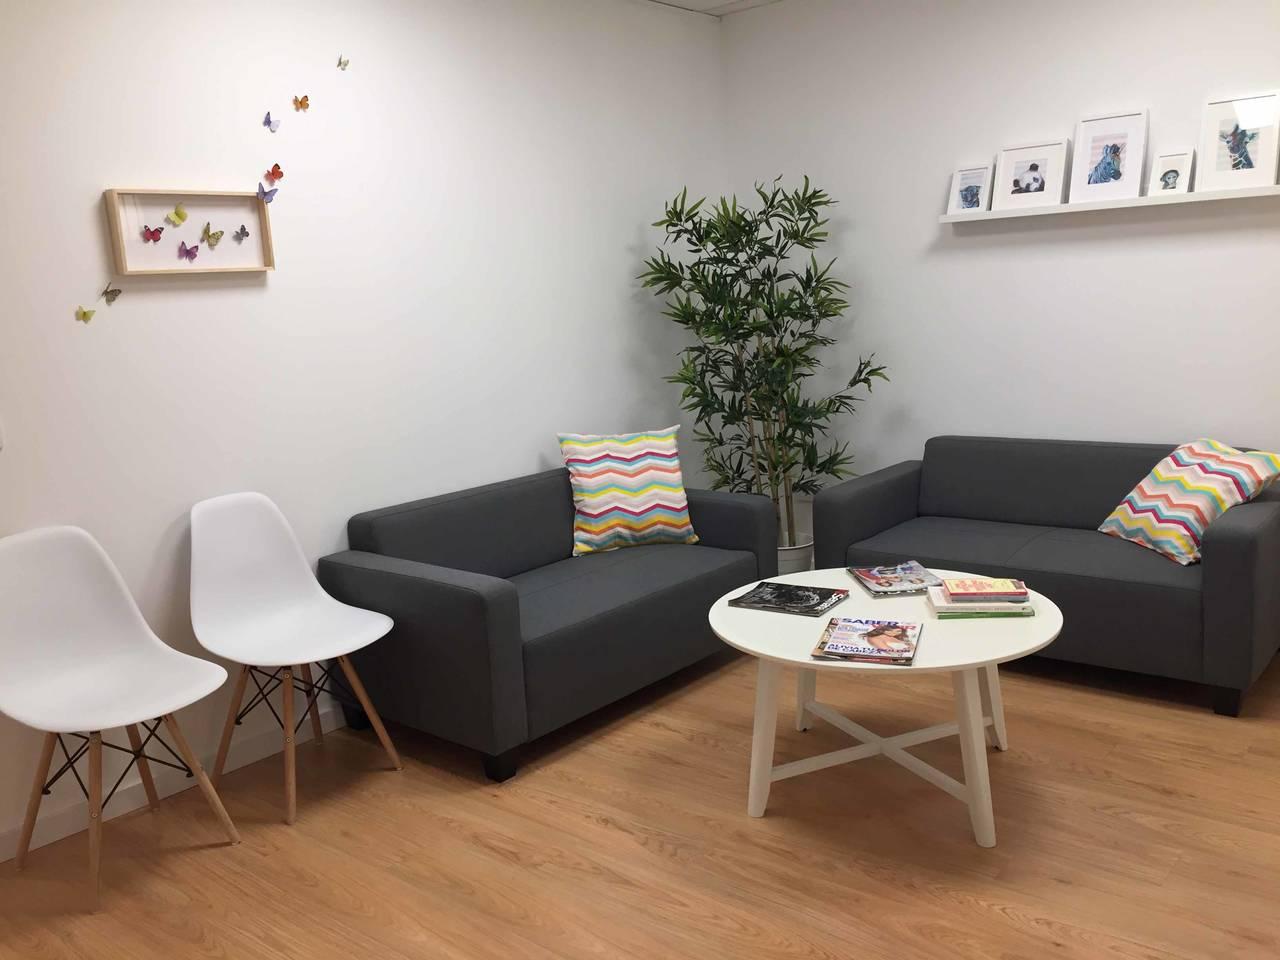 Alquilamos despacho de psicologia en Valencia  - Foto 2